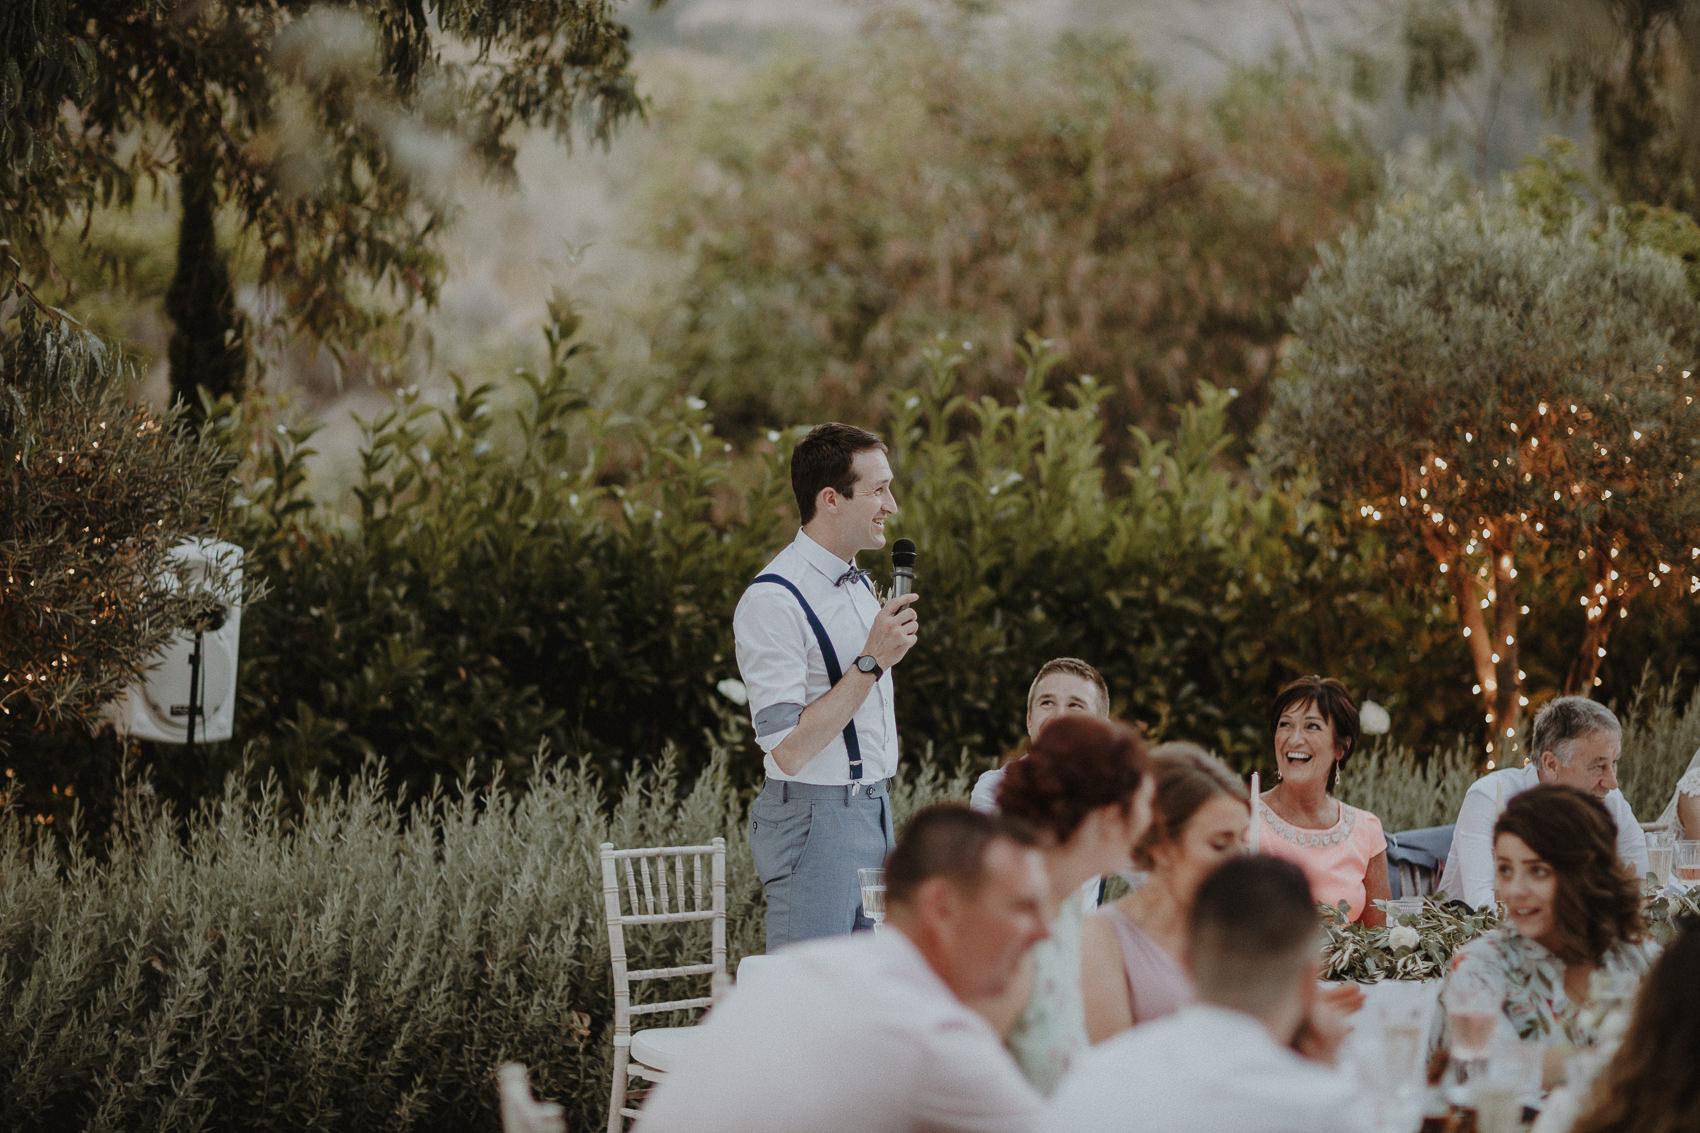 Sarah & Bill | Summer wedding at Cortijo Rosa Blanca | Marbella - Spain 146